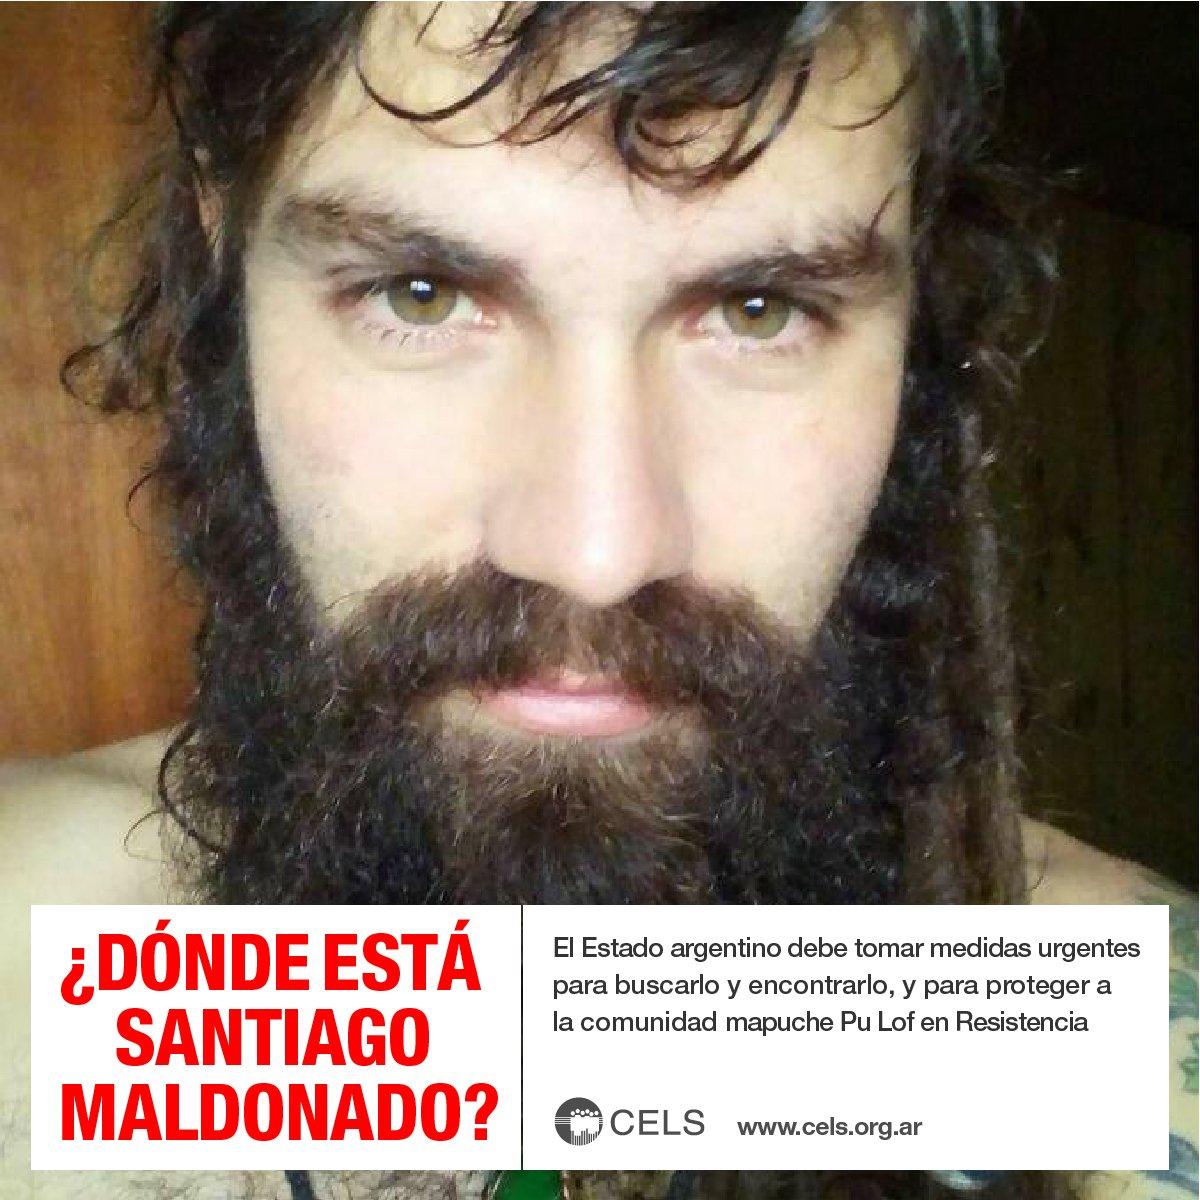 ¿Dónde está Santiago Maldonado? https://t.co/M3PhoiW62d